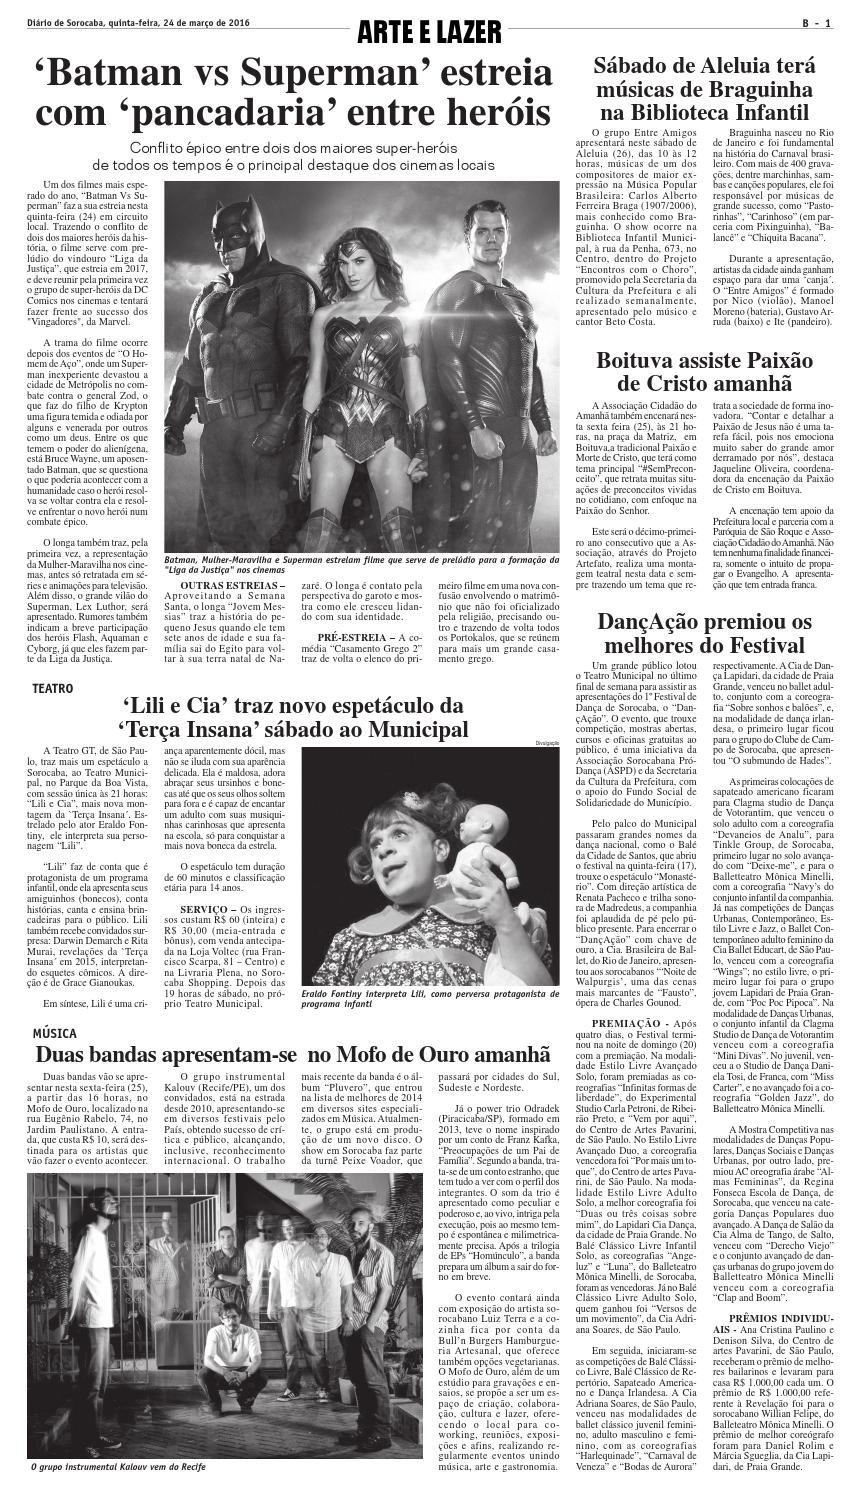 ac44ca83f88b3 Edição de 24 de março de 2016 by DIÁRIO DE SOROCABA - issuu